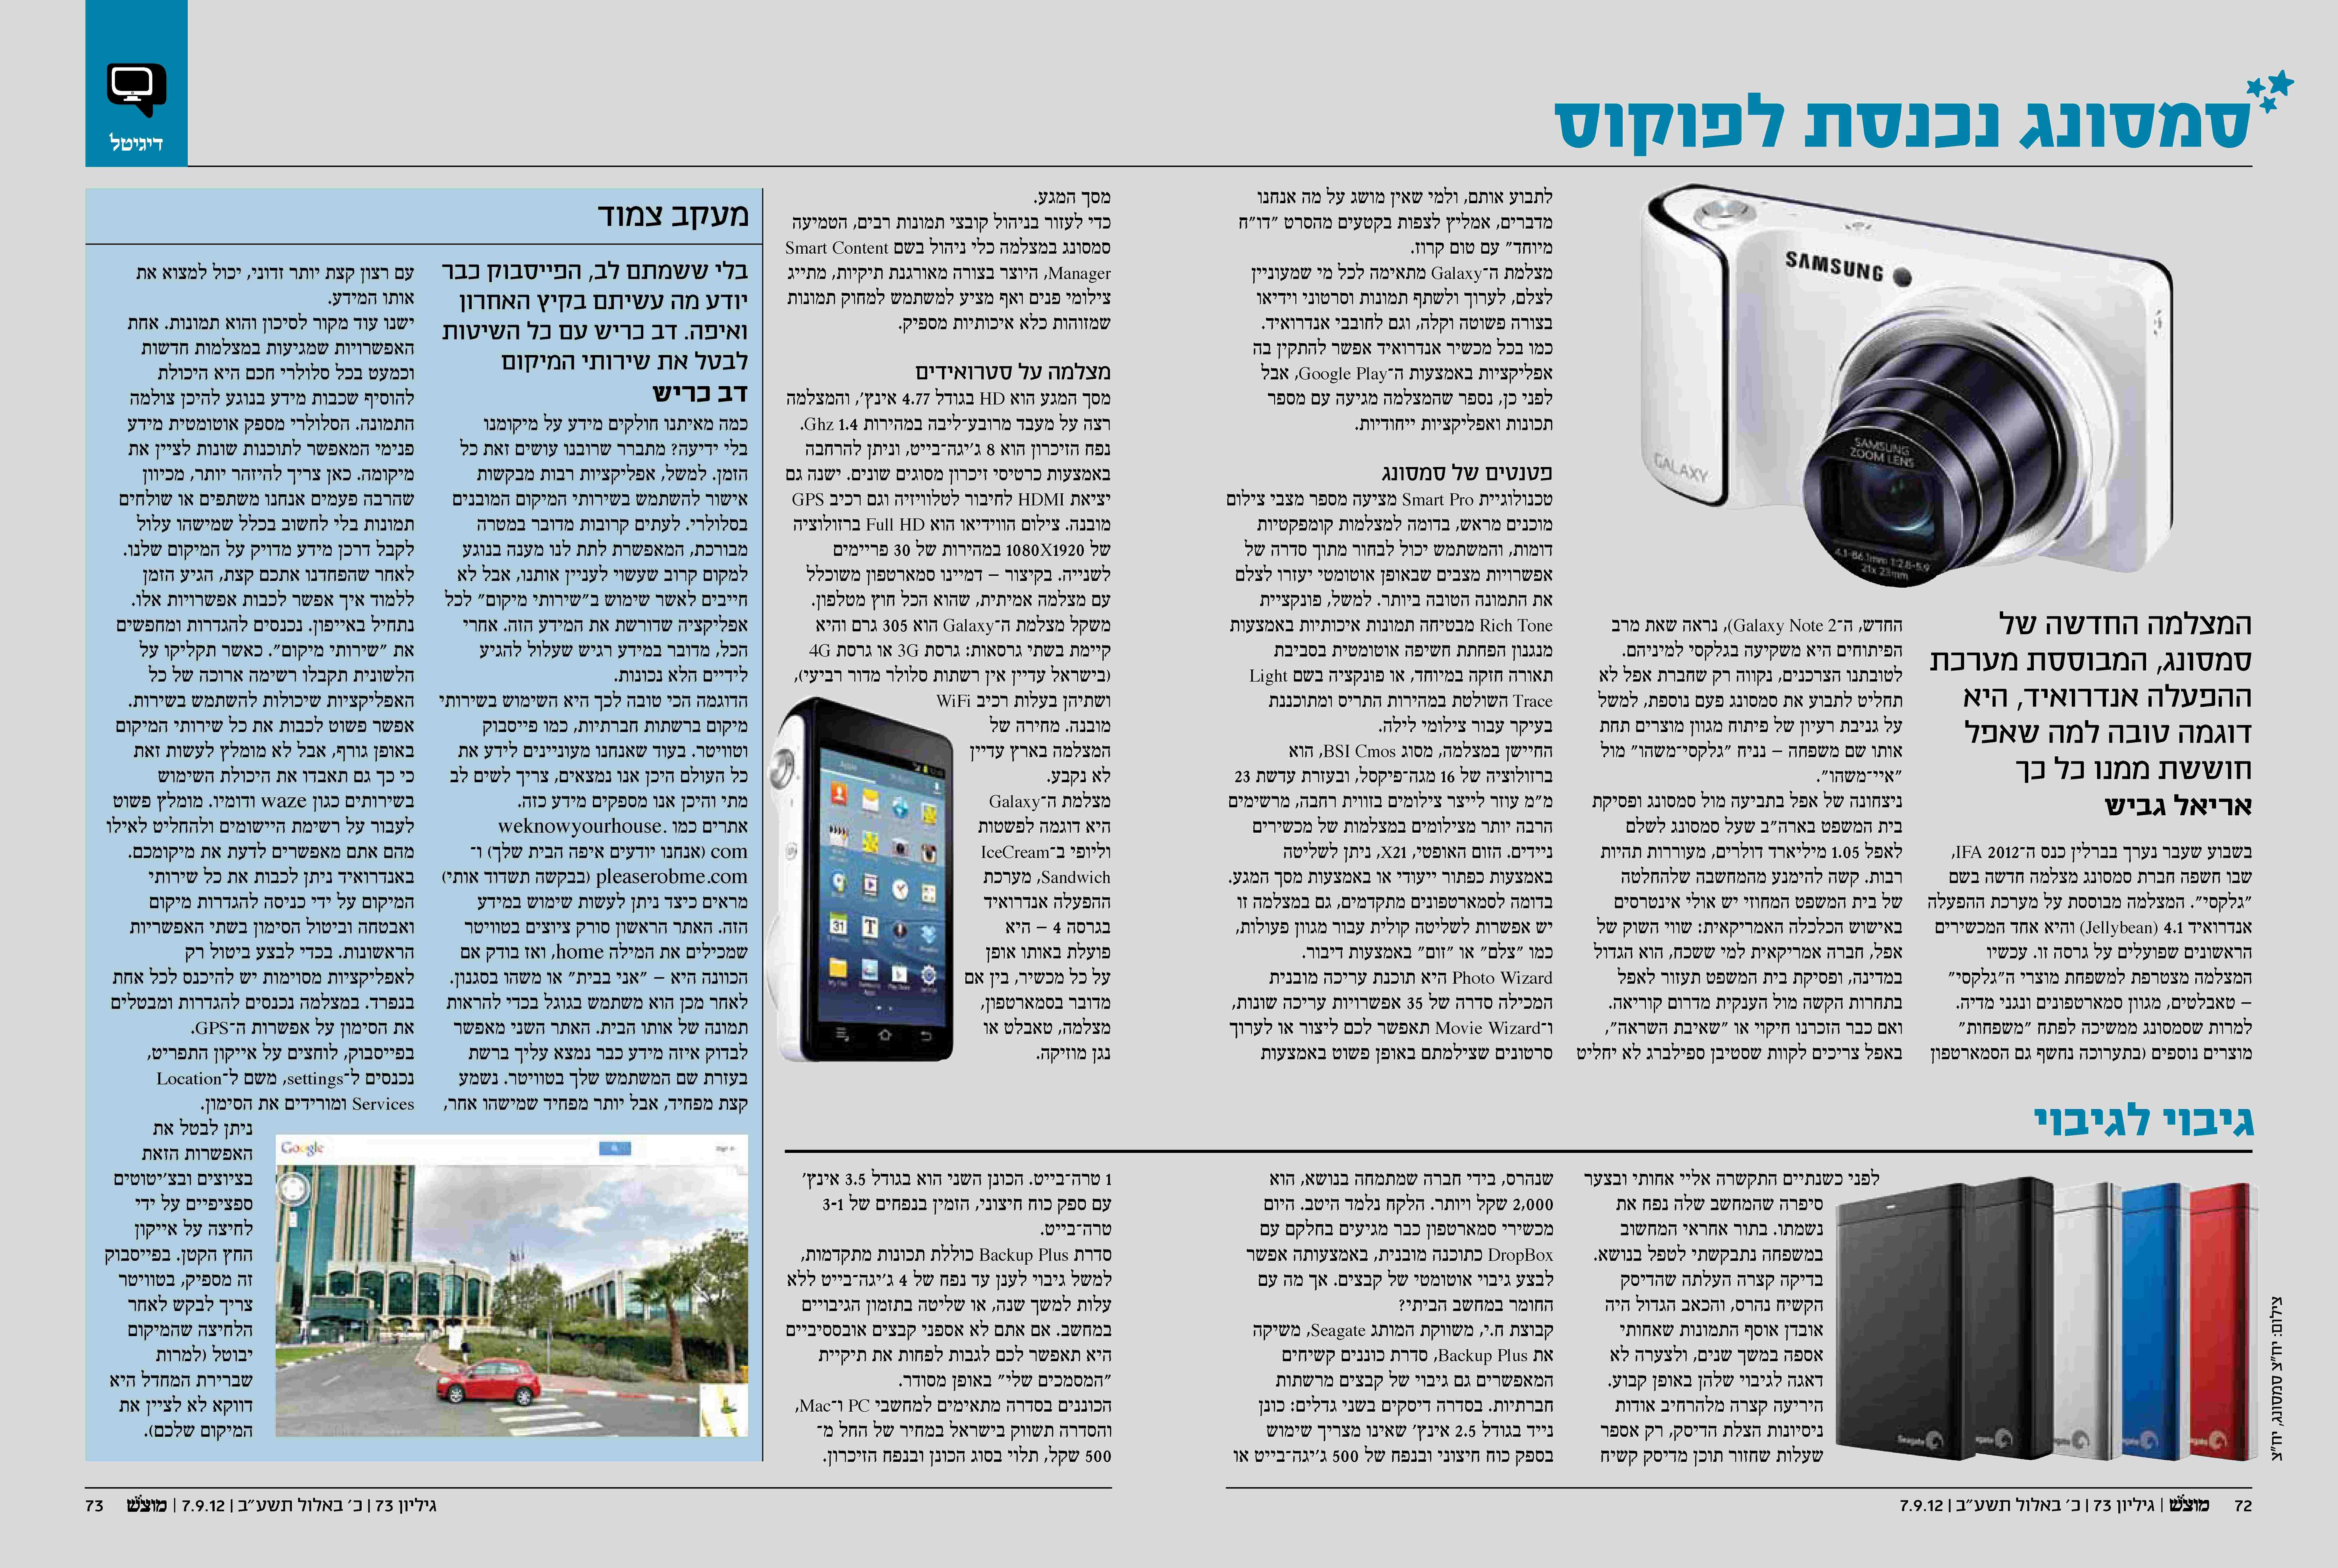 המצלמה החדשה של סמסונג, המבוססת מערכת ההפעלה אנדרואיד, היא דוגמה טובה למה שאפל חוששת ממנו כל כך בשבוע שעבר נערך בברלין כנס ה-IFA 2012, בו חשפה חברת סמסונג מצלמה חדשה […]